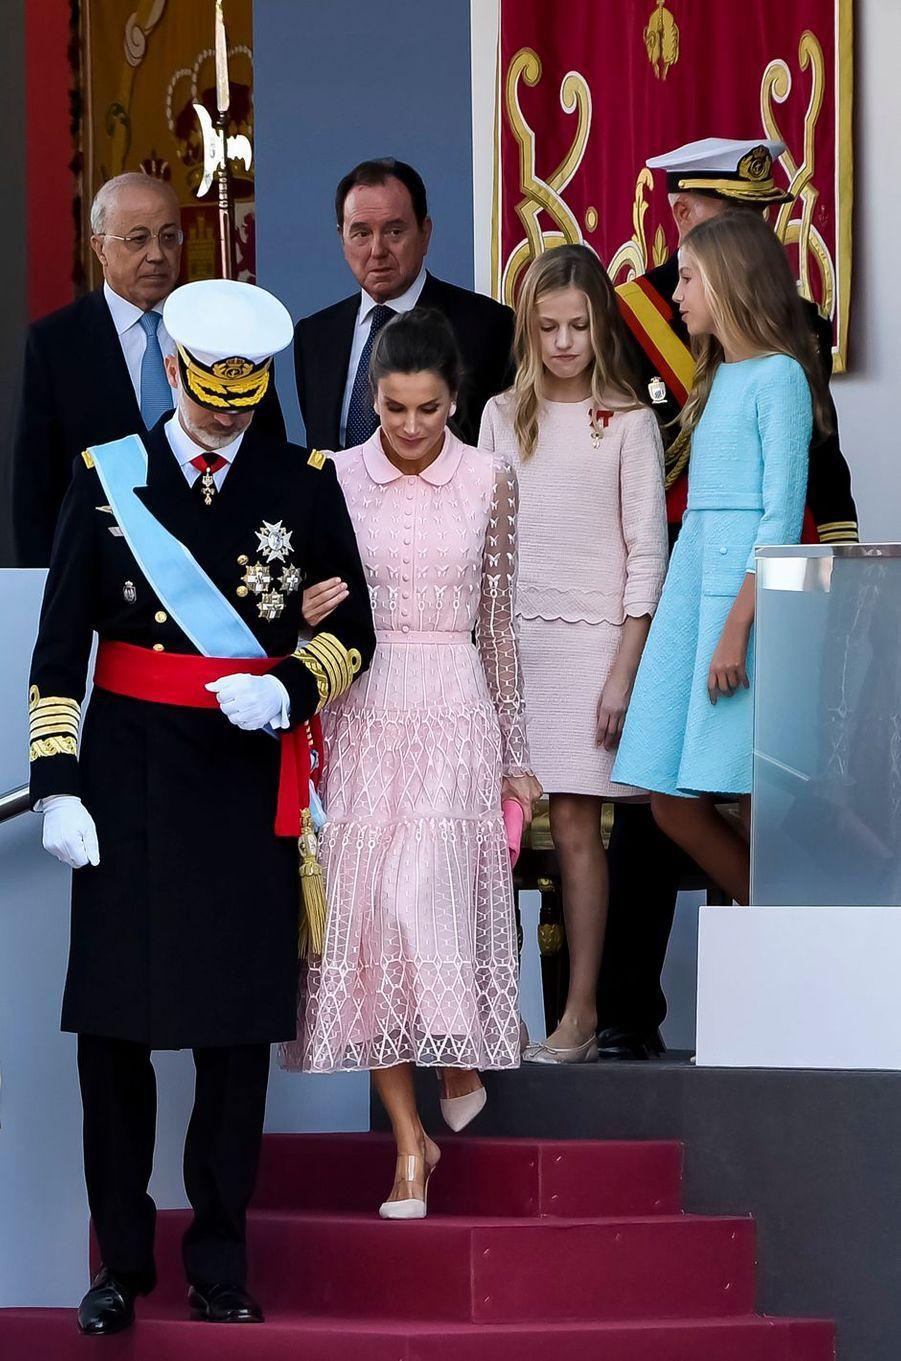 La reine Letizia et le roi Felipe VI d'Espagne avec les princesses Leonor et Sofia à Madrid, le 12 octobre 2019